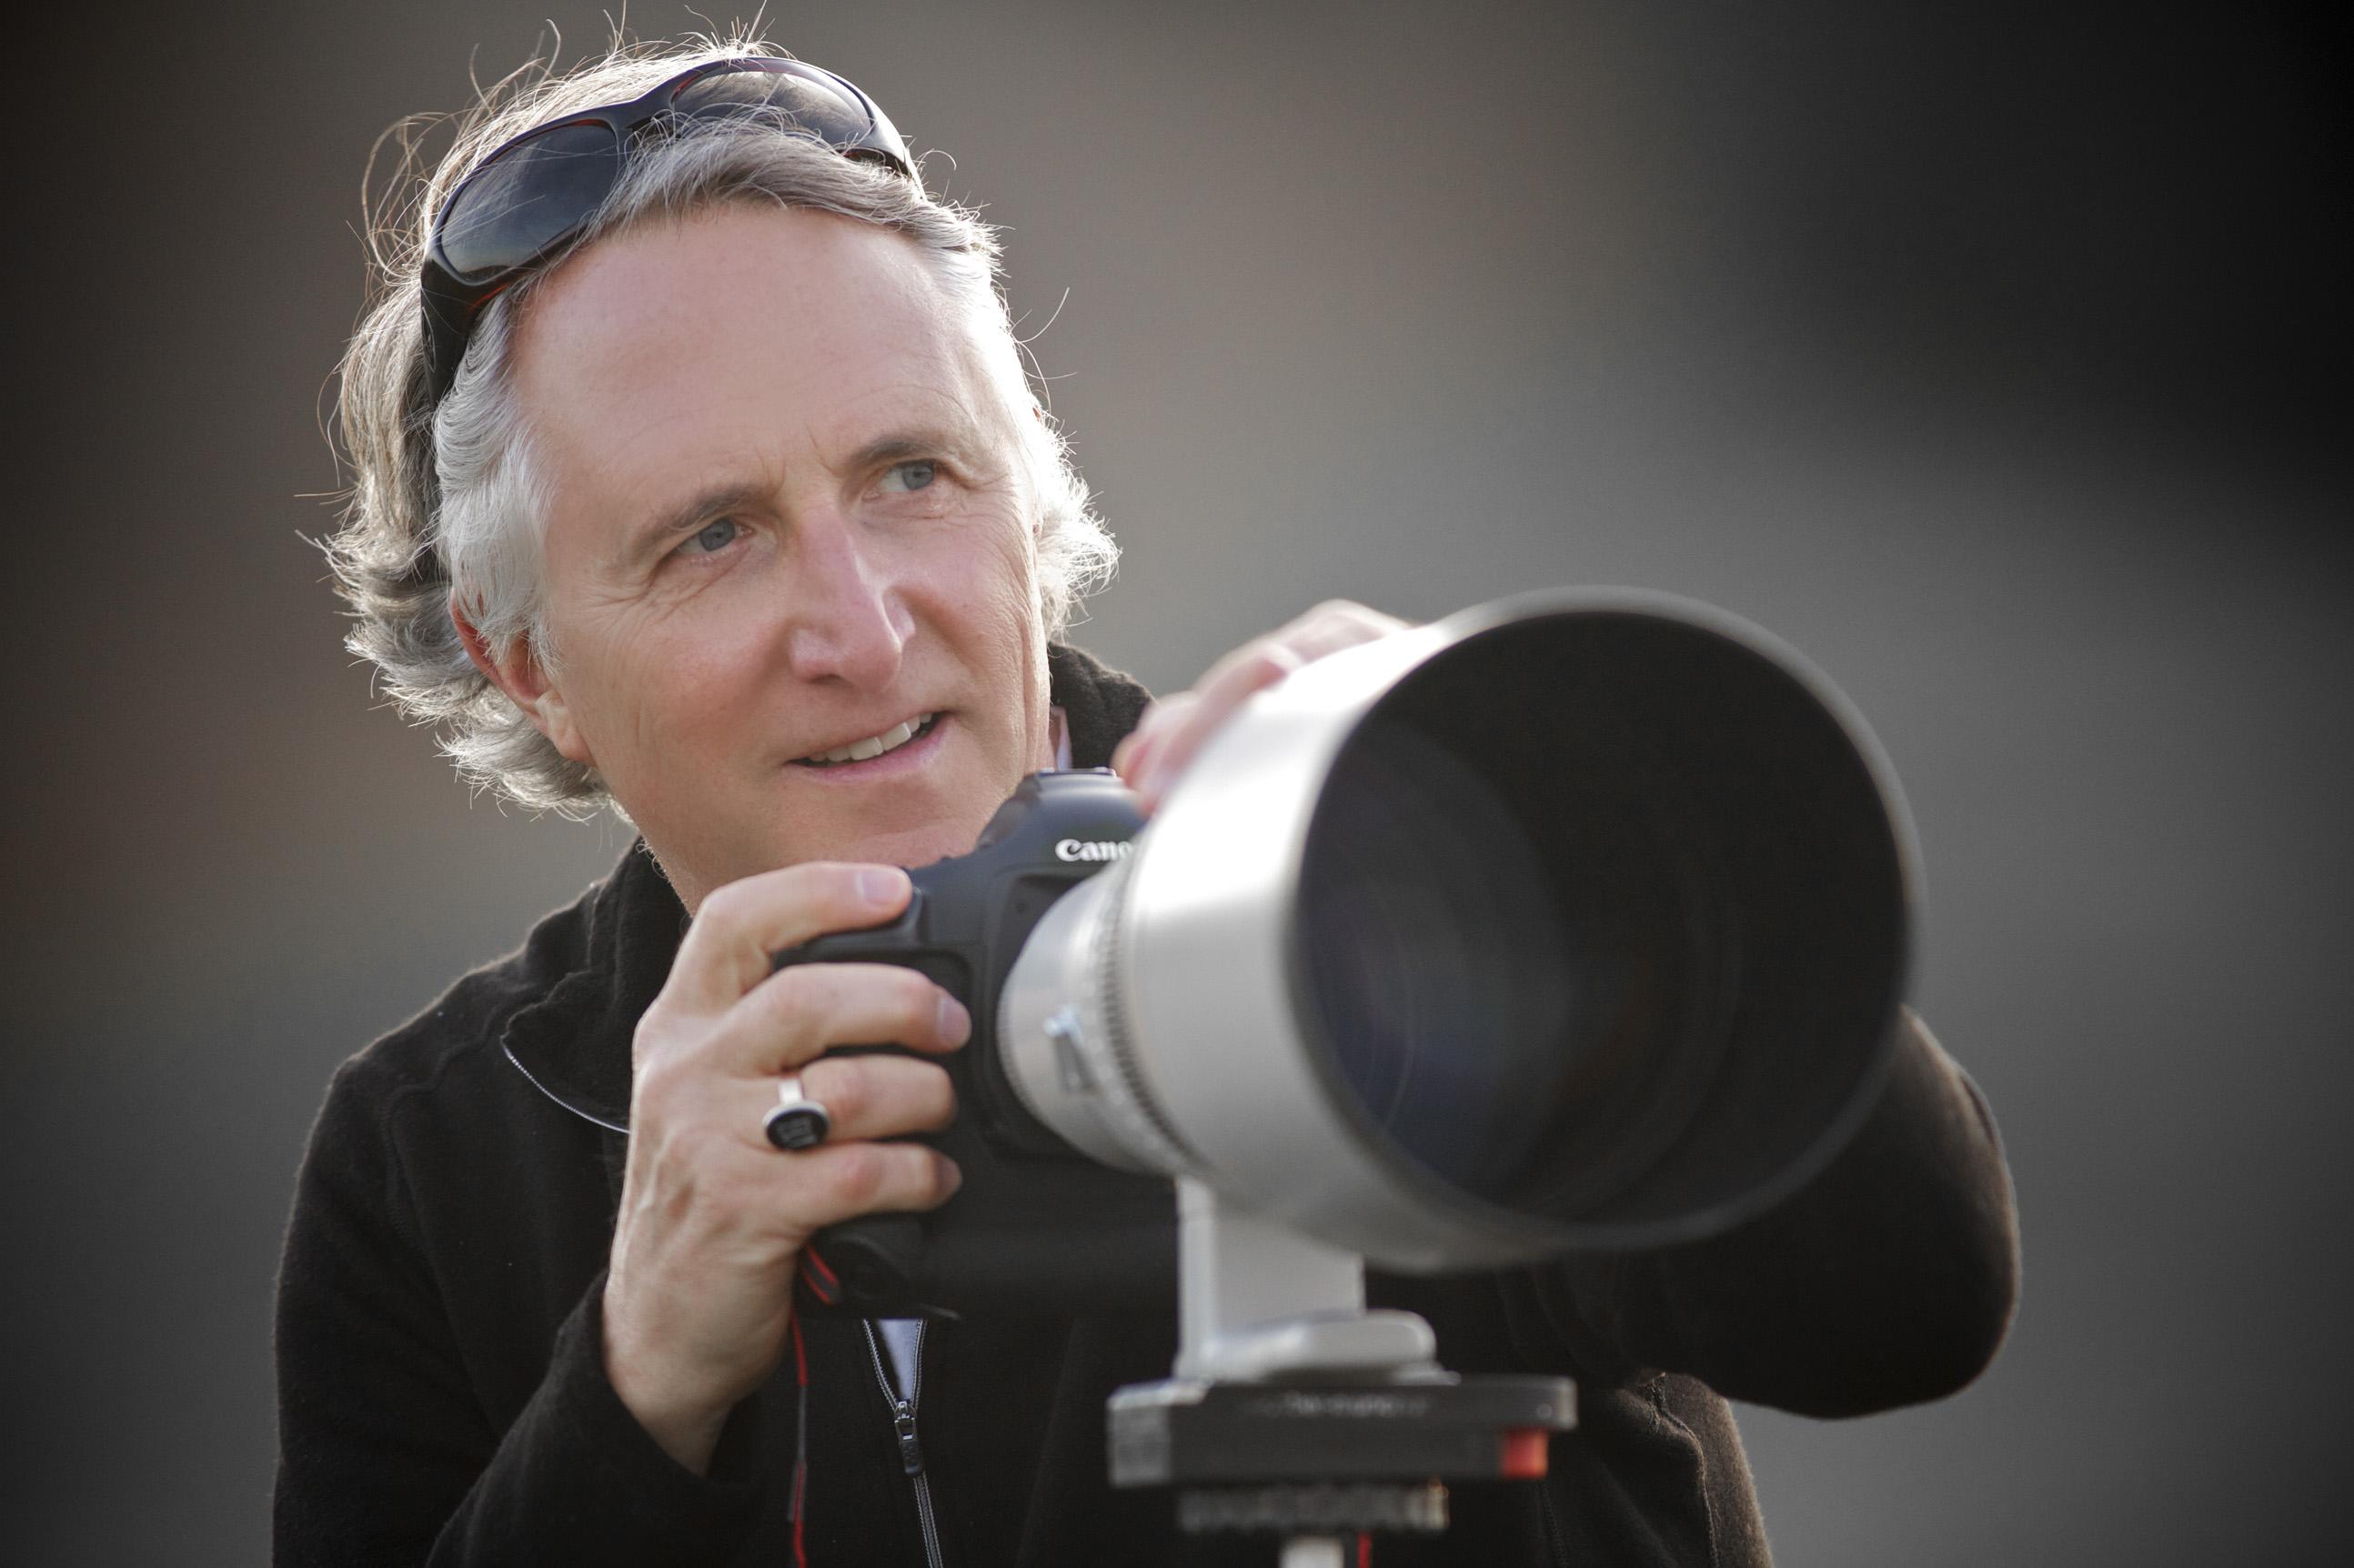 Award-winning photographer Clint Clemens